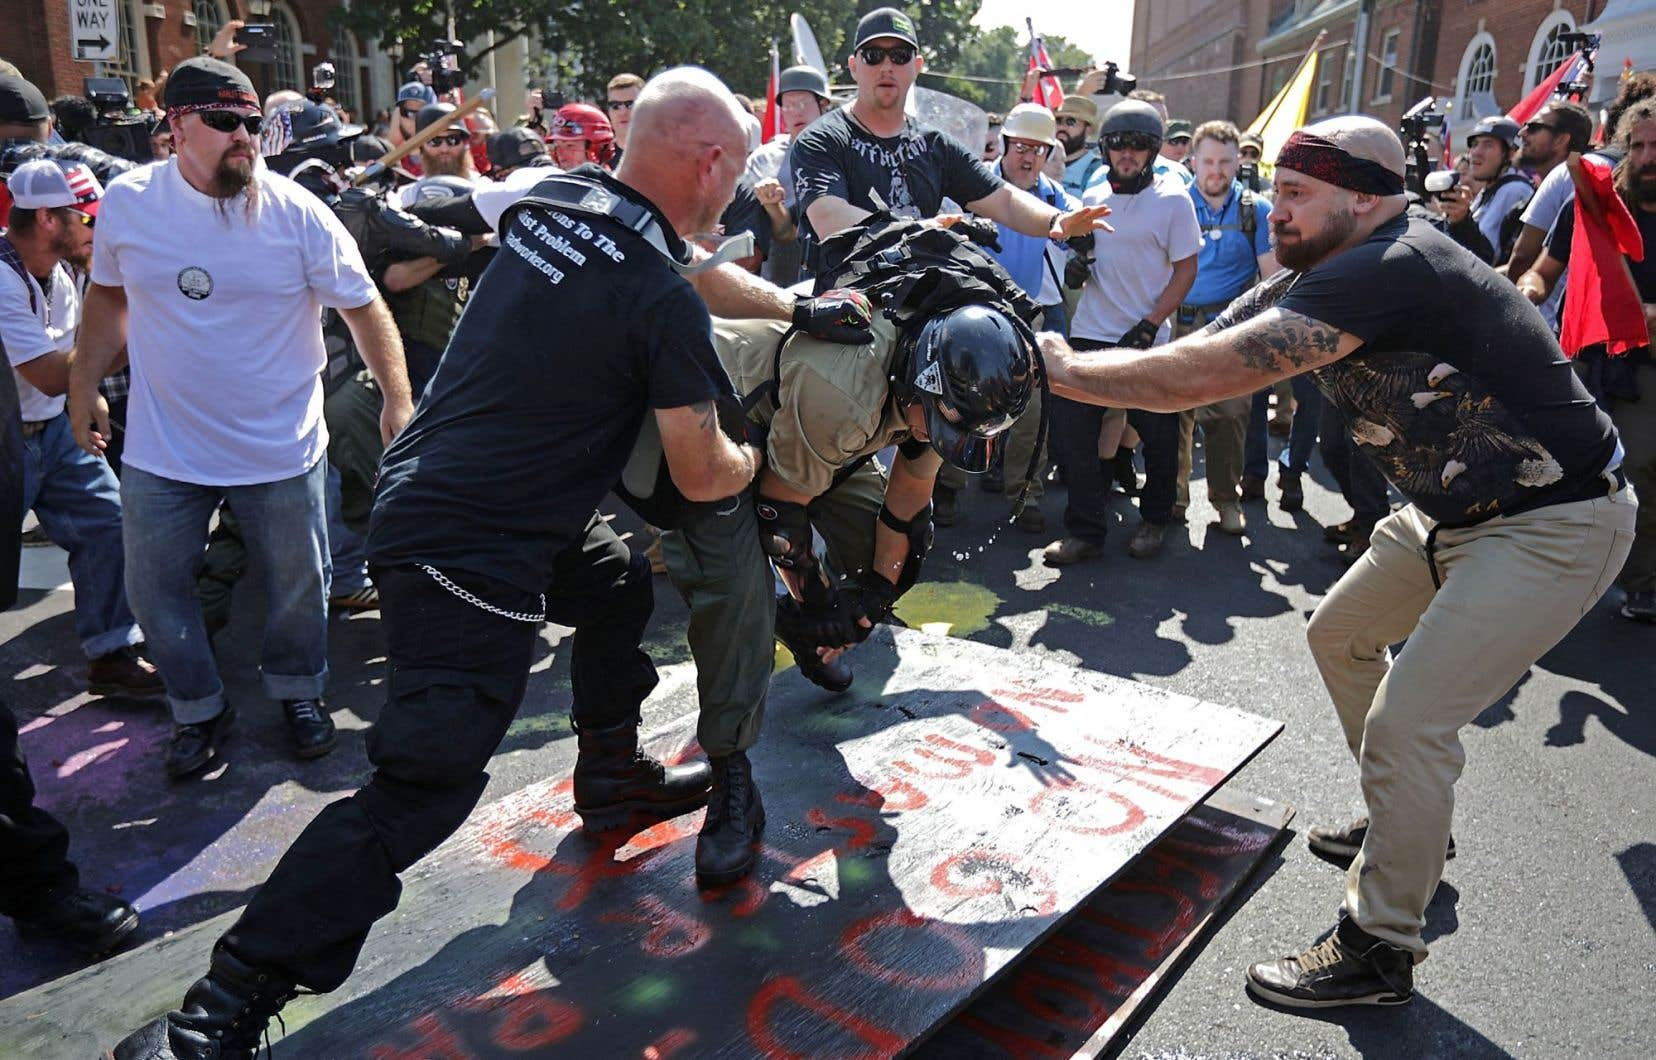 Un affrontement entre nationalistes blancs, néonazis, le Ku Klux Klan, des membres de l'«alt-right», des manifestants antifascistes et la police lors du rassemblement Unite the Right cette semaine, près de l'Emancipation Park à Charlottesville, Virginie.